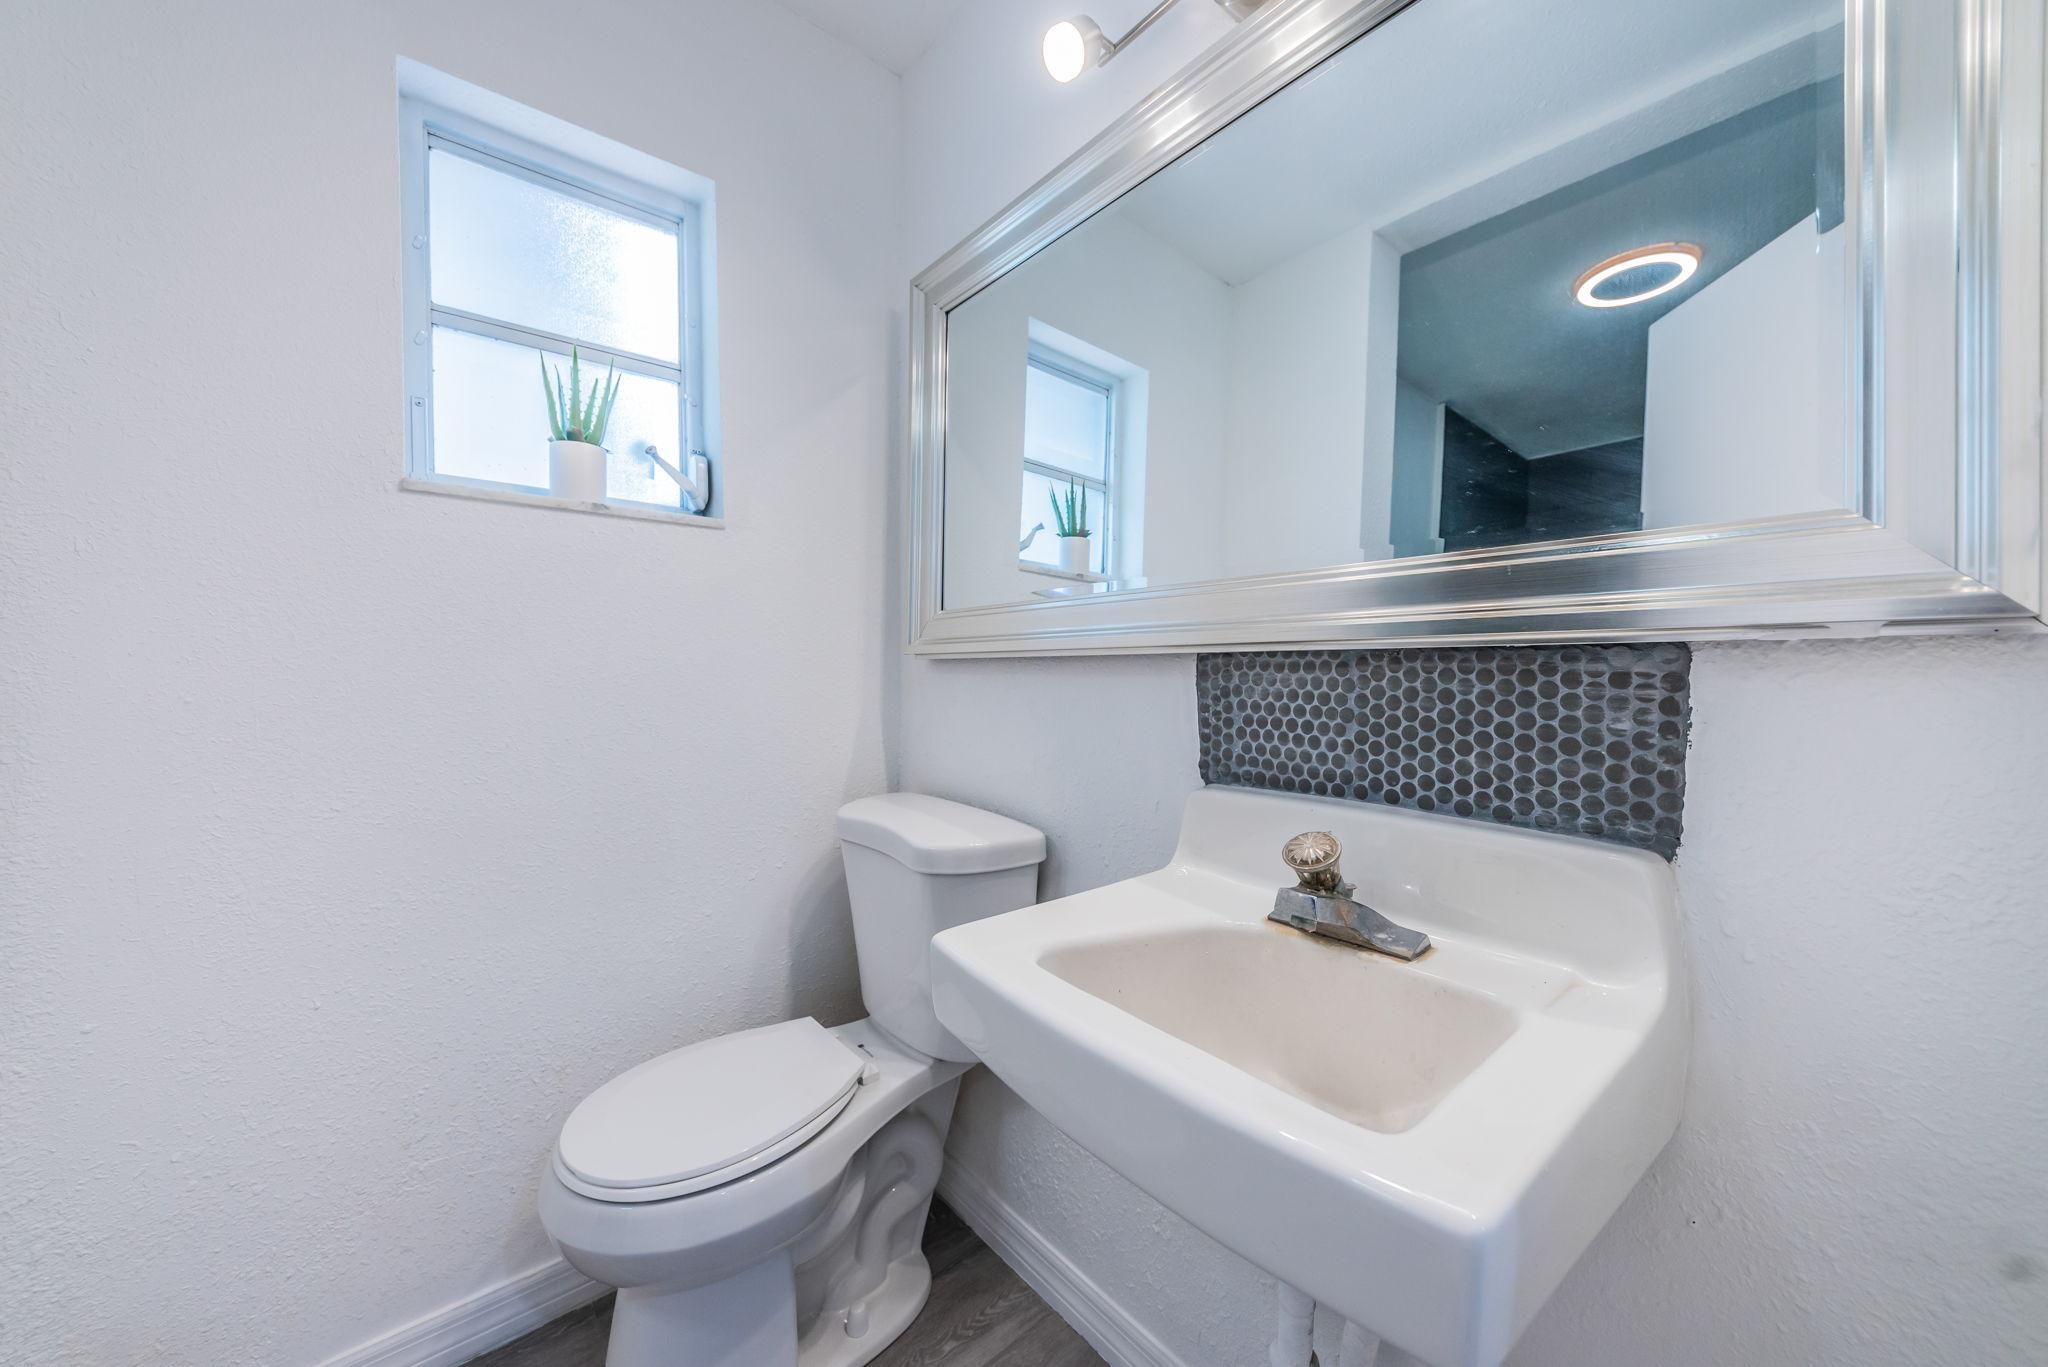 Bathroom 2a-6